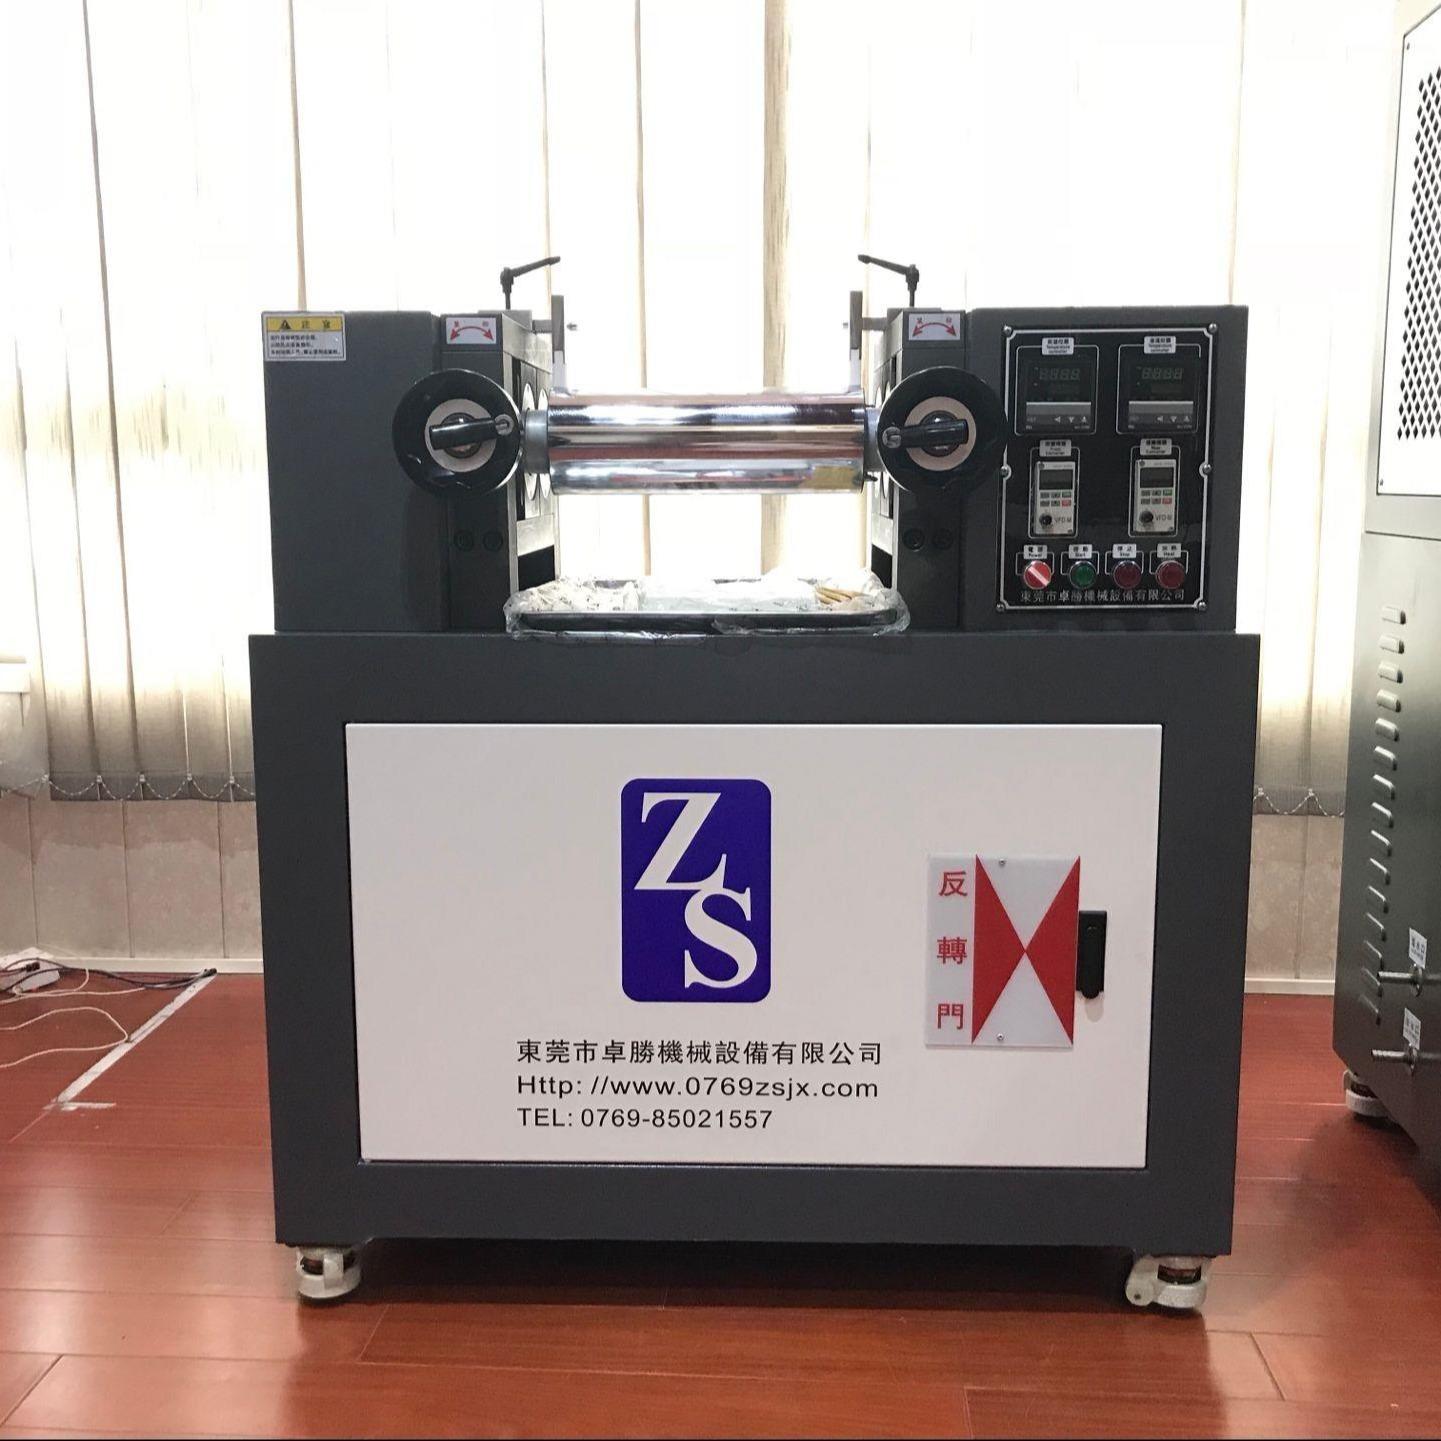 卓胜ZS-401BEW-120橡胶开炼机 塑料开炼机 两辊对压机 双辊混炼机